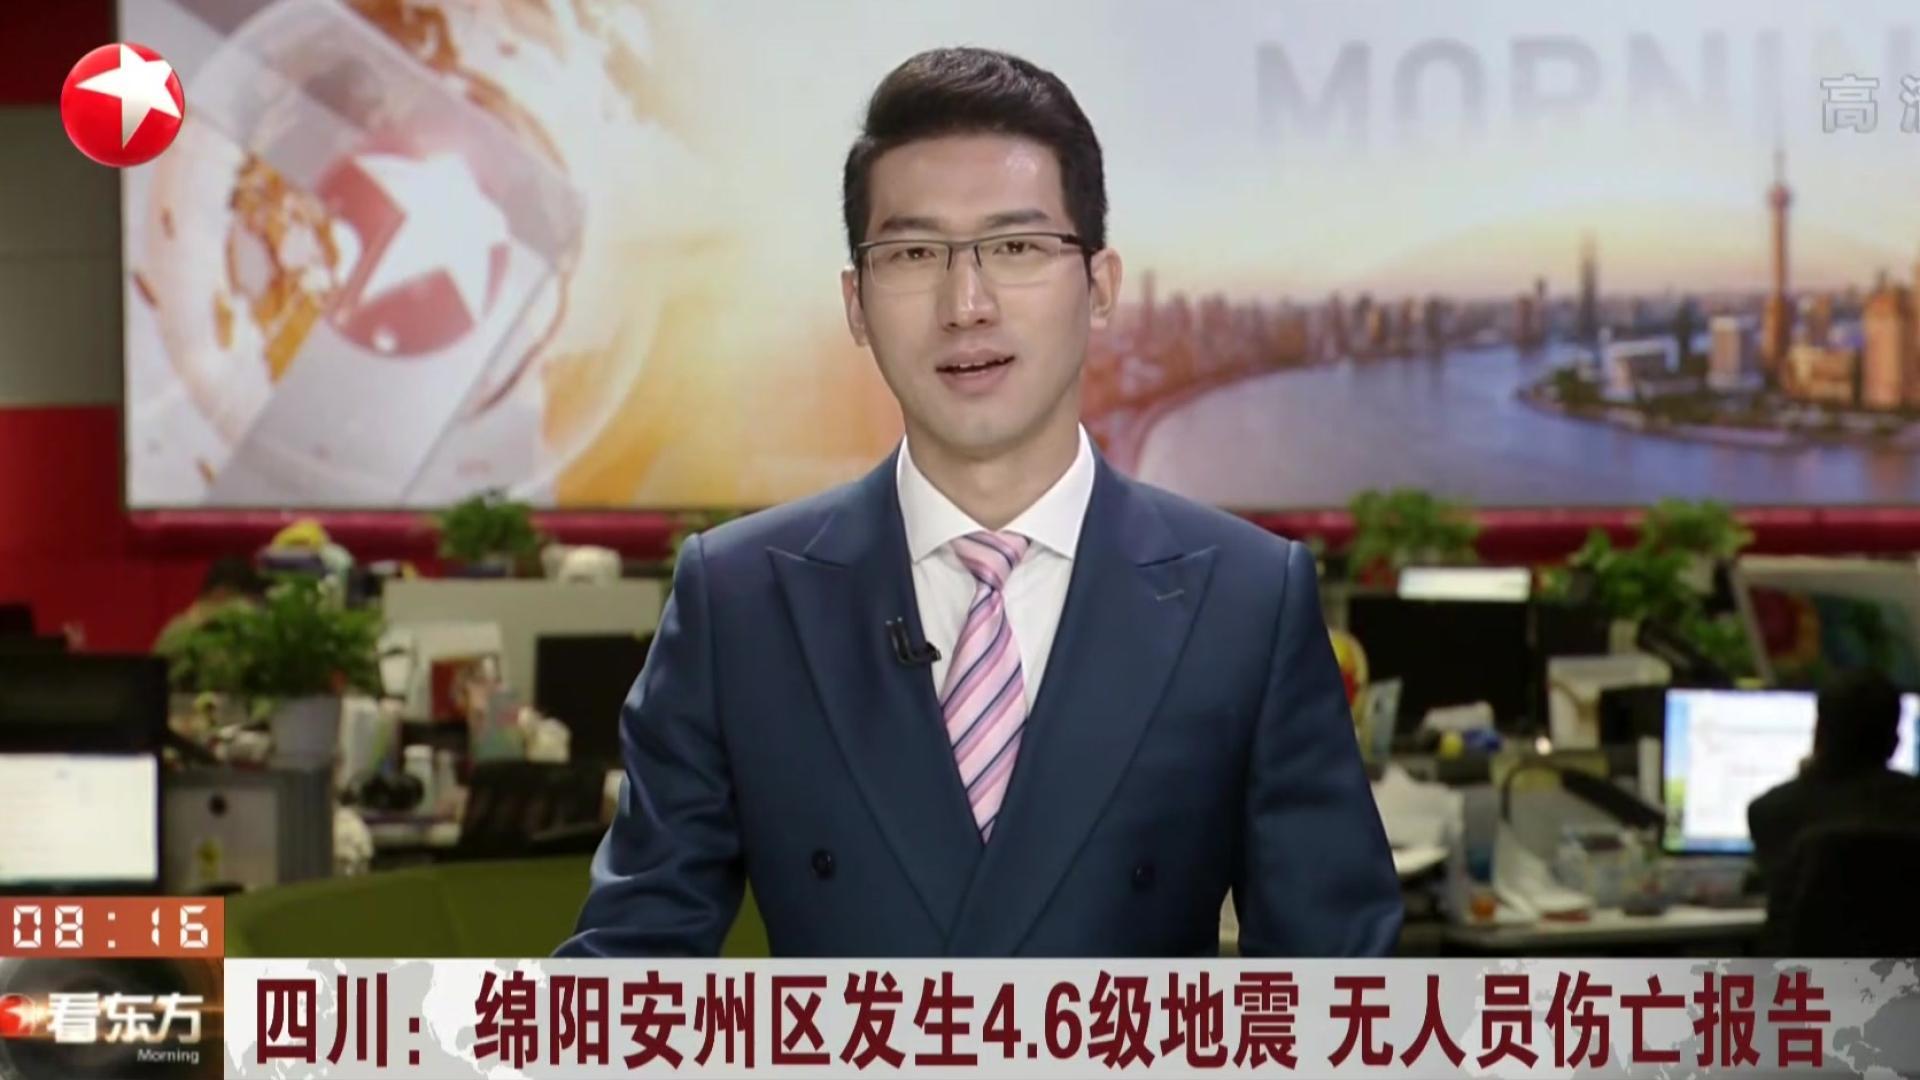 四川:绵阳安州区发生4.6级地震 无人员伤亡报告